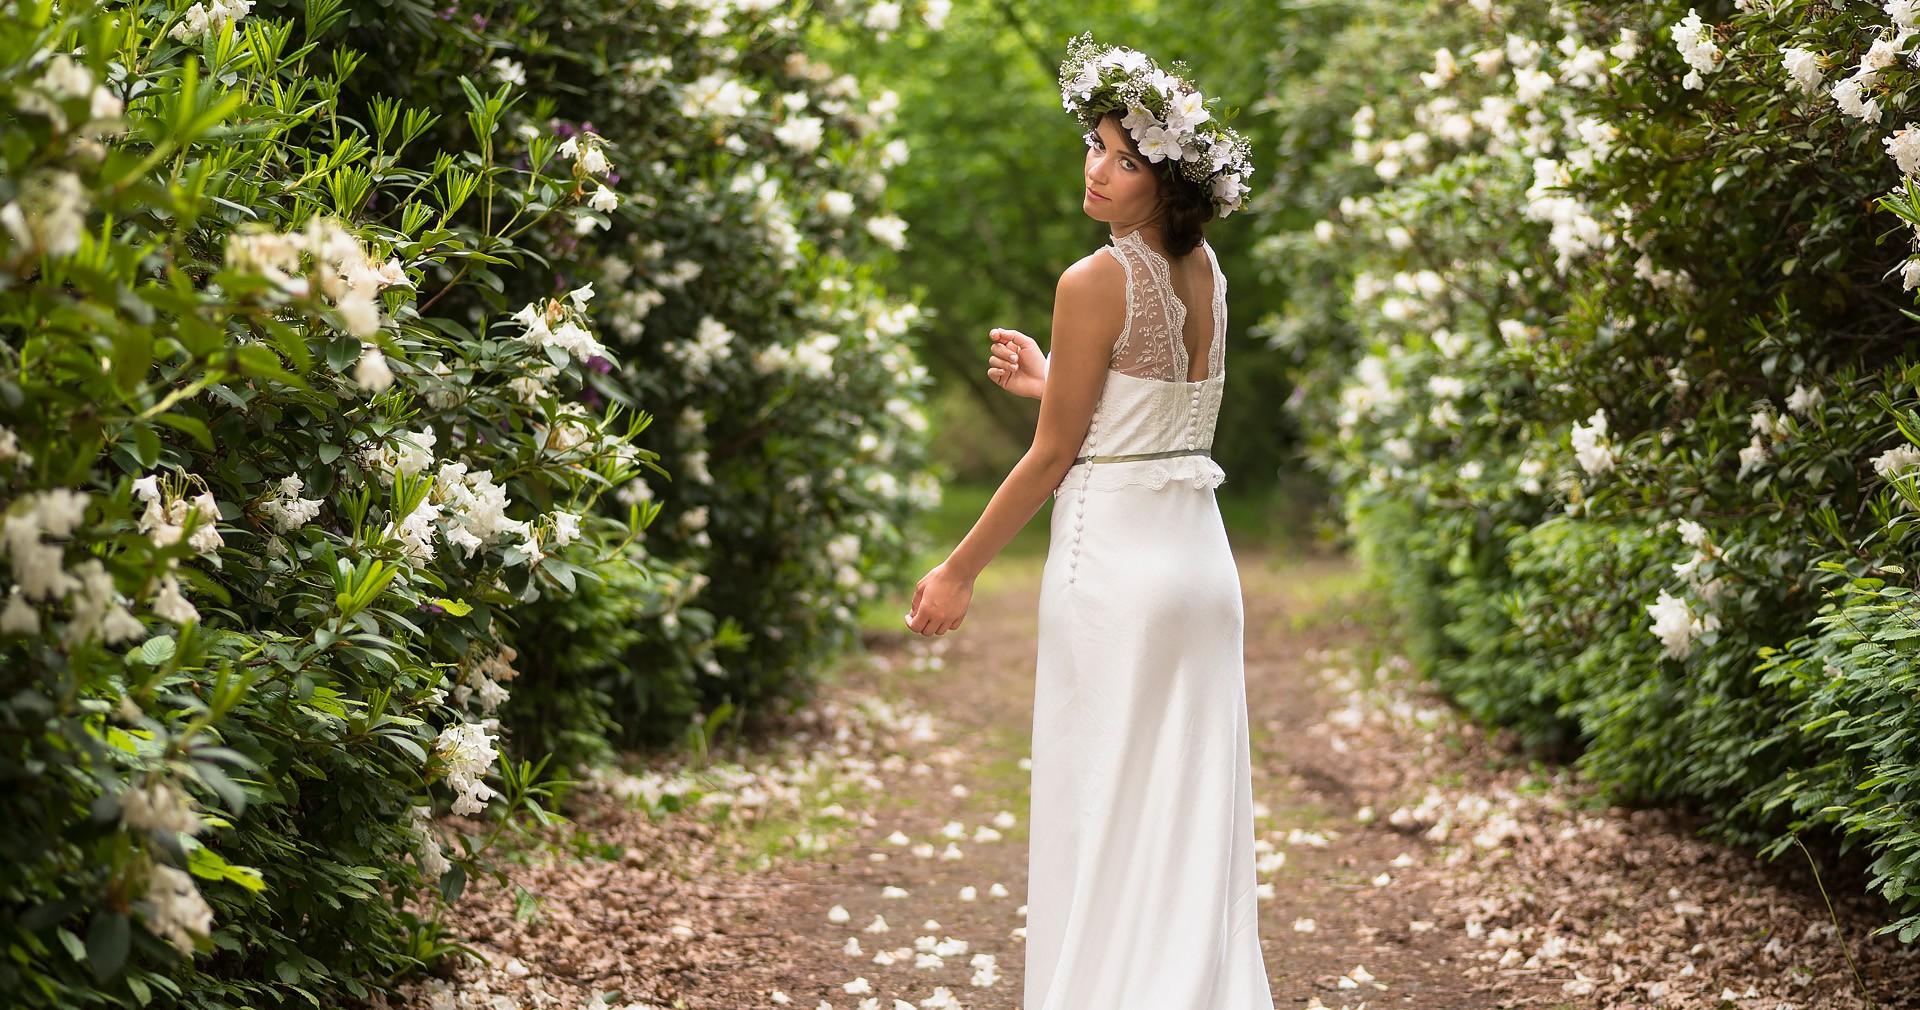 Brautkleid verkaufen erfurt – Beliebte Hochzeitstraditionen 2018